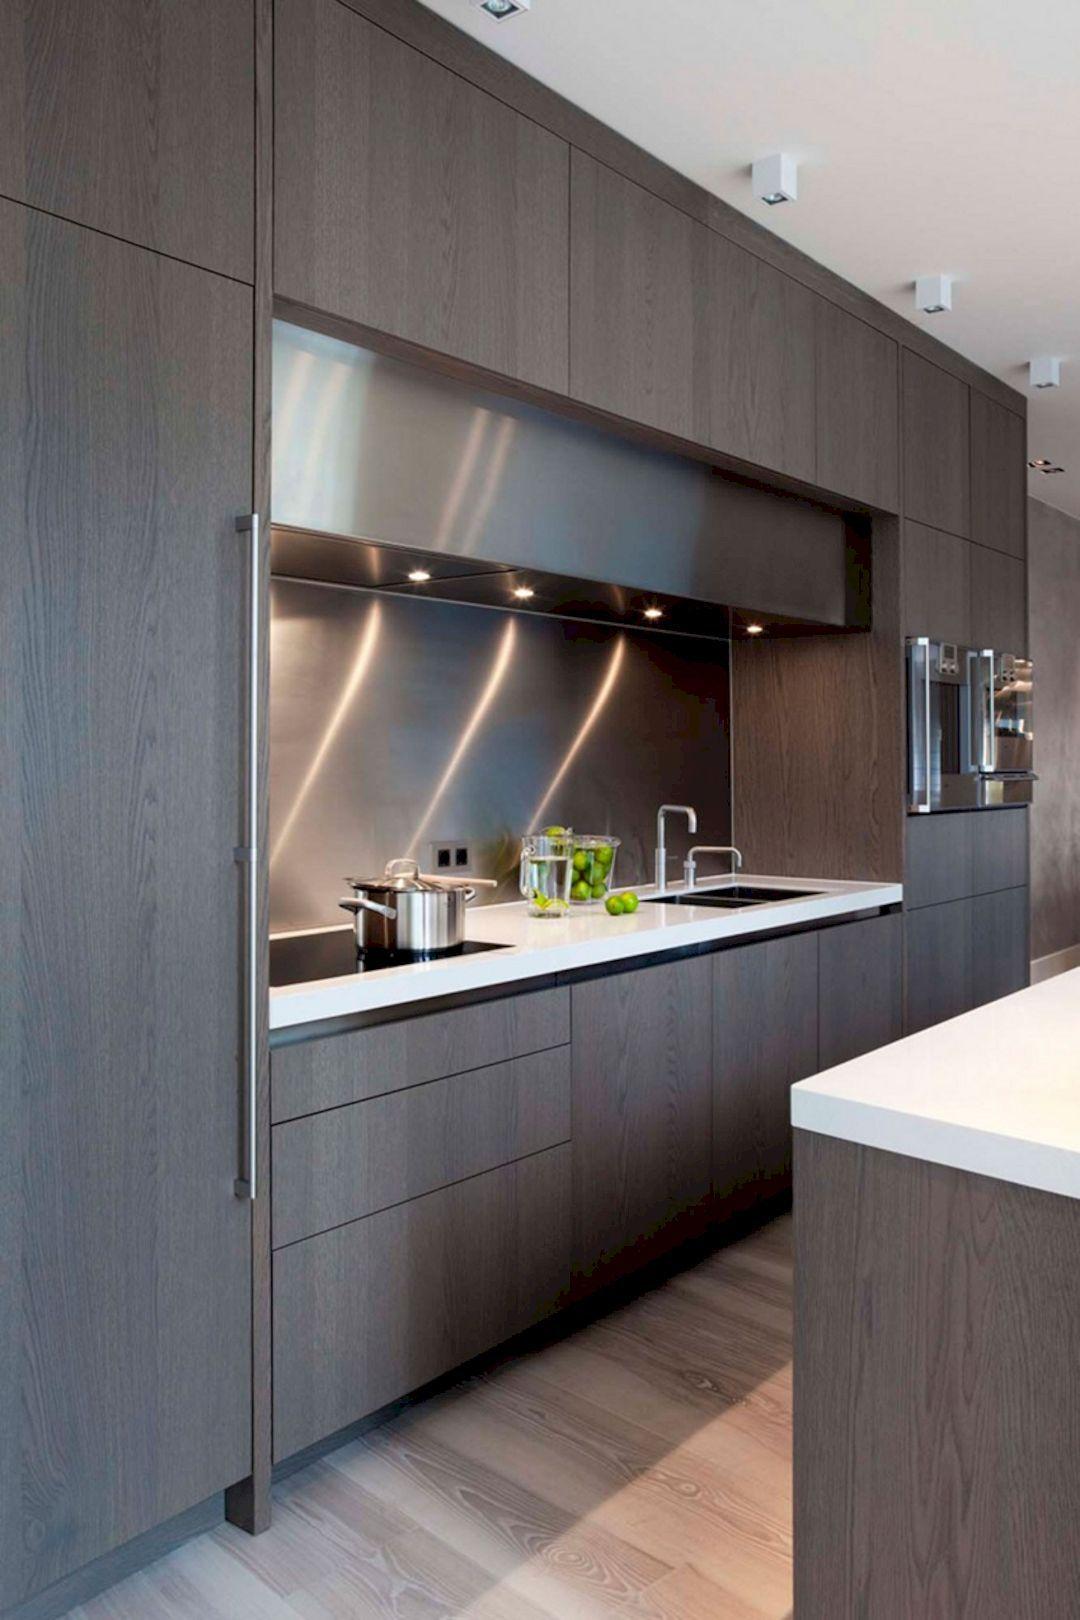 Stylish Modern Kitchen Cabinet: 127 Design Ideas